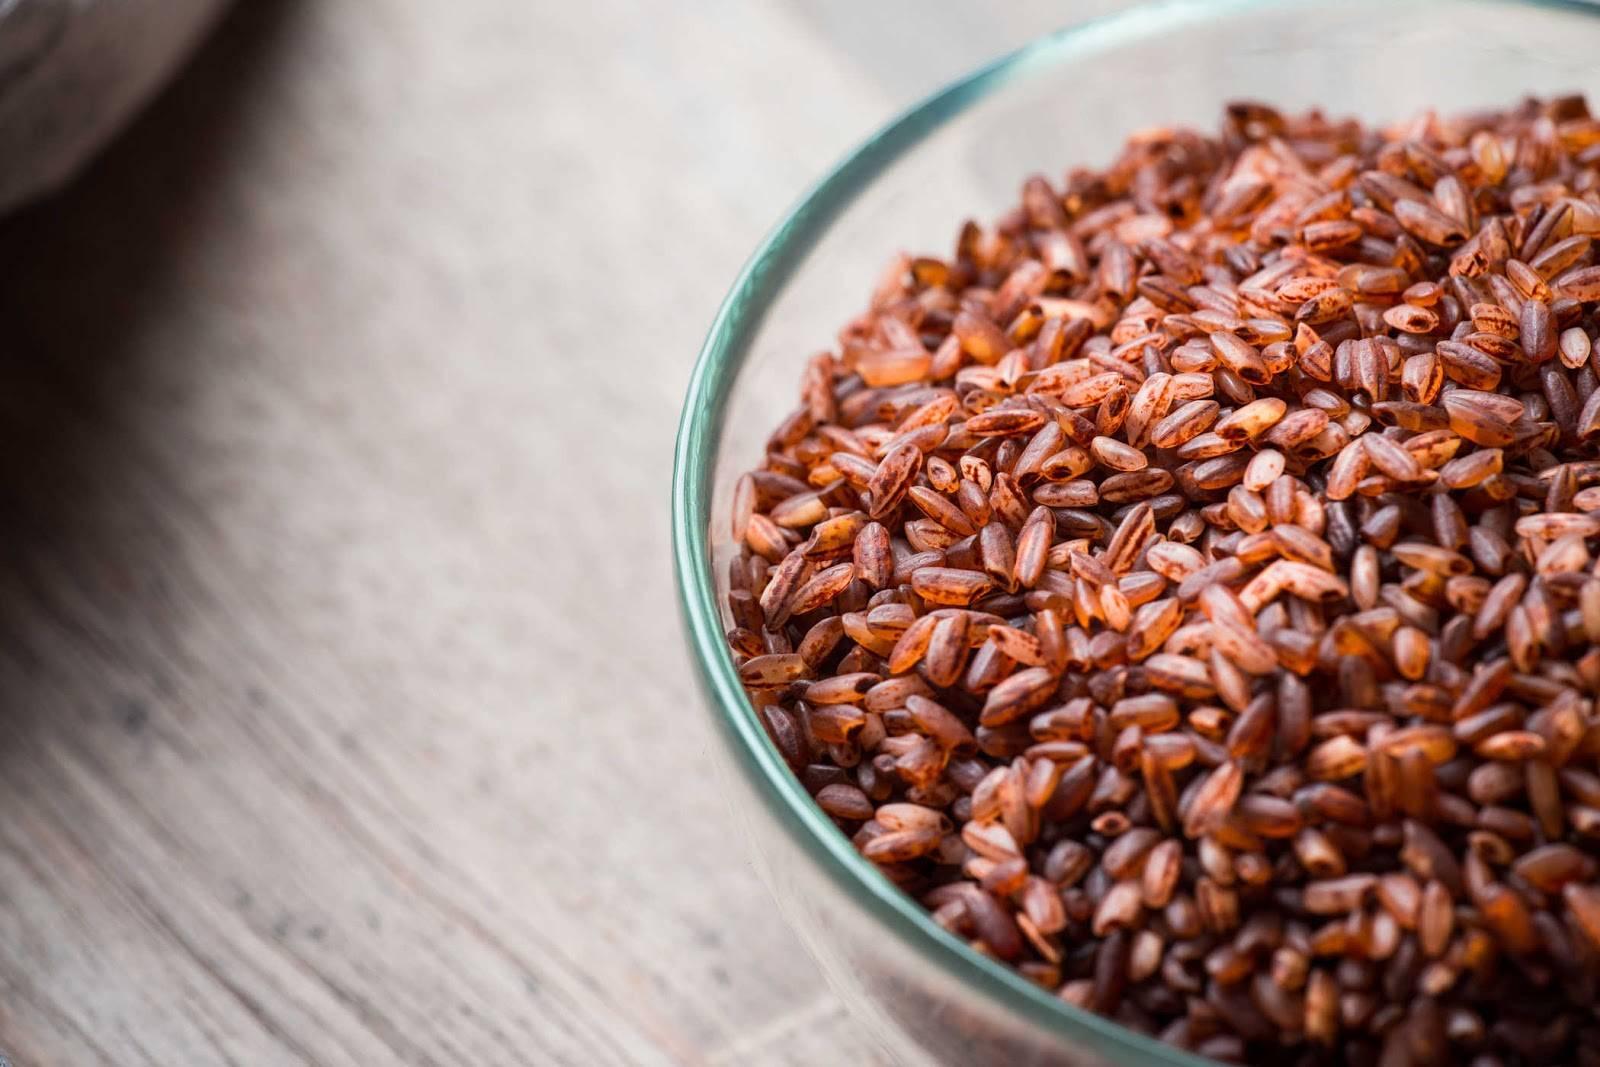 Chất selen trong gạo lứt có công dụng tăng cường hệ miễn dịch